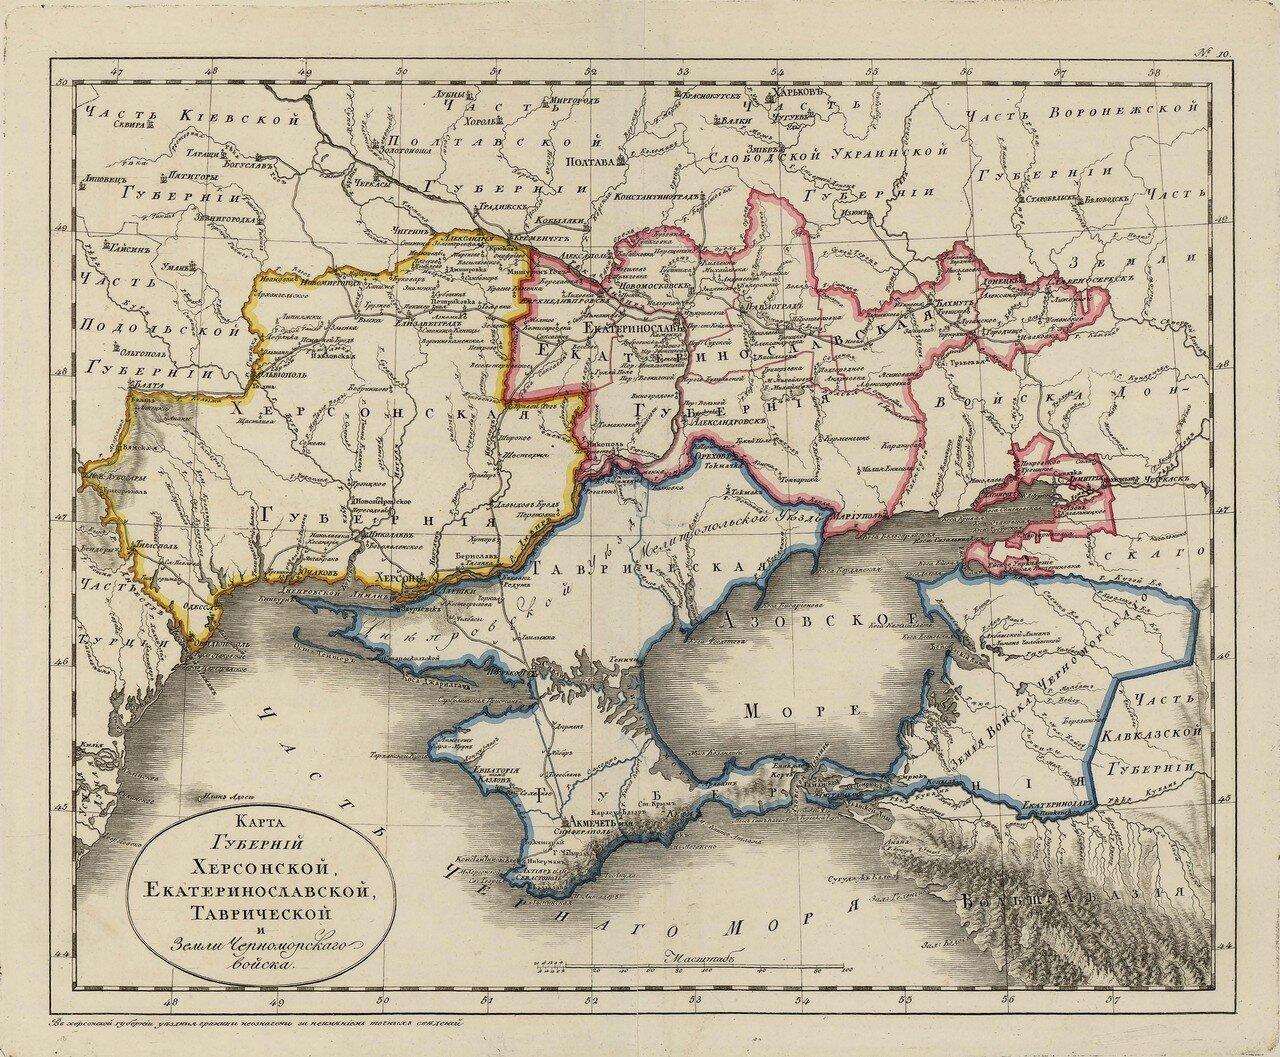 11. Карта губерний Херсонской, Екатеринославской, Таврической и Земли Черноморского войска